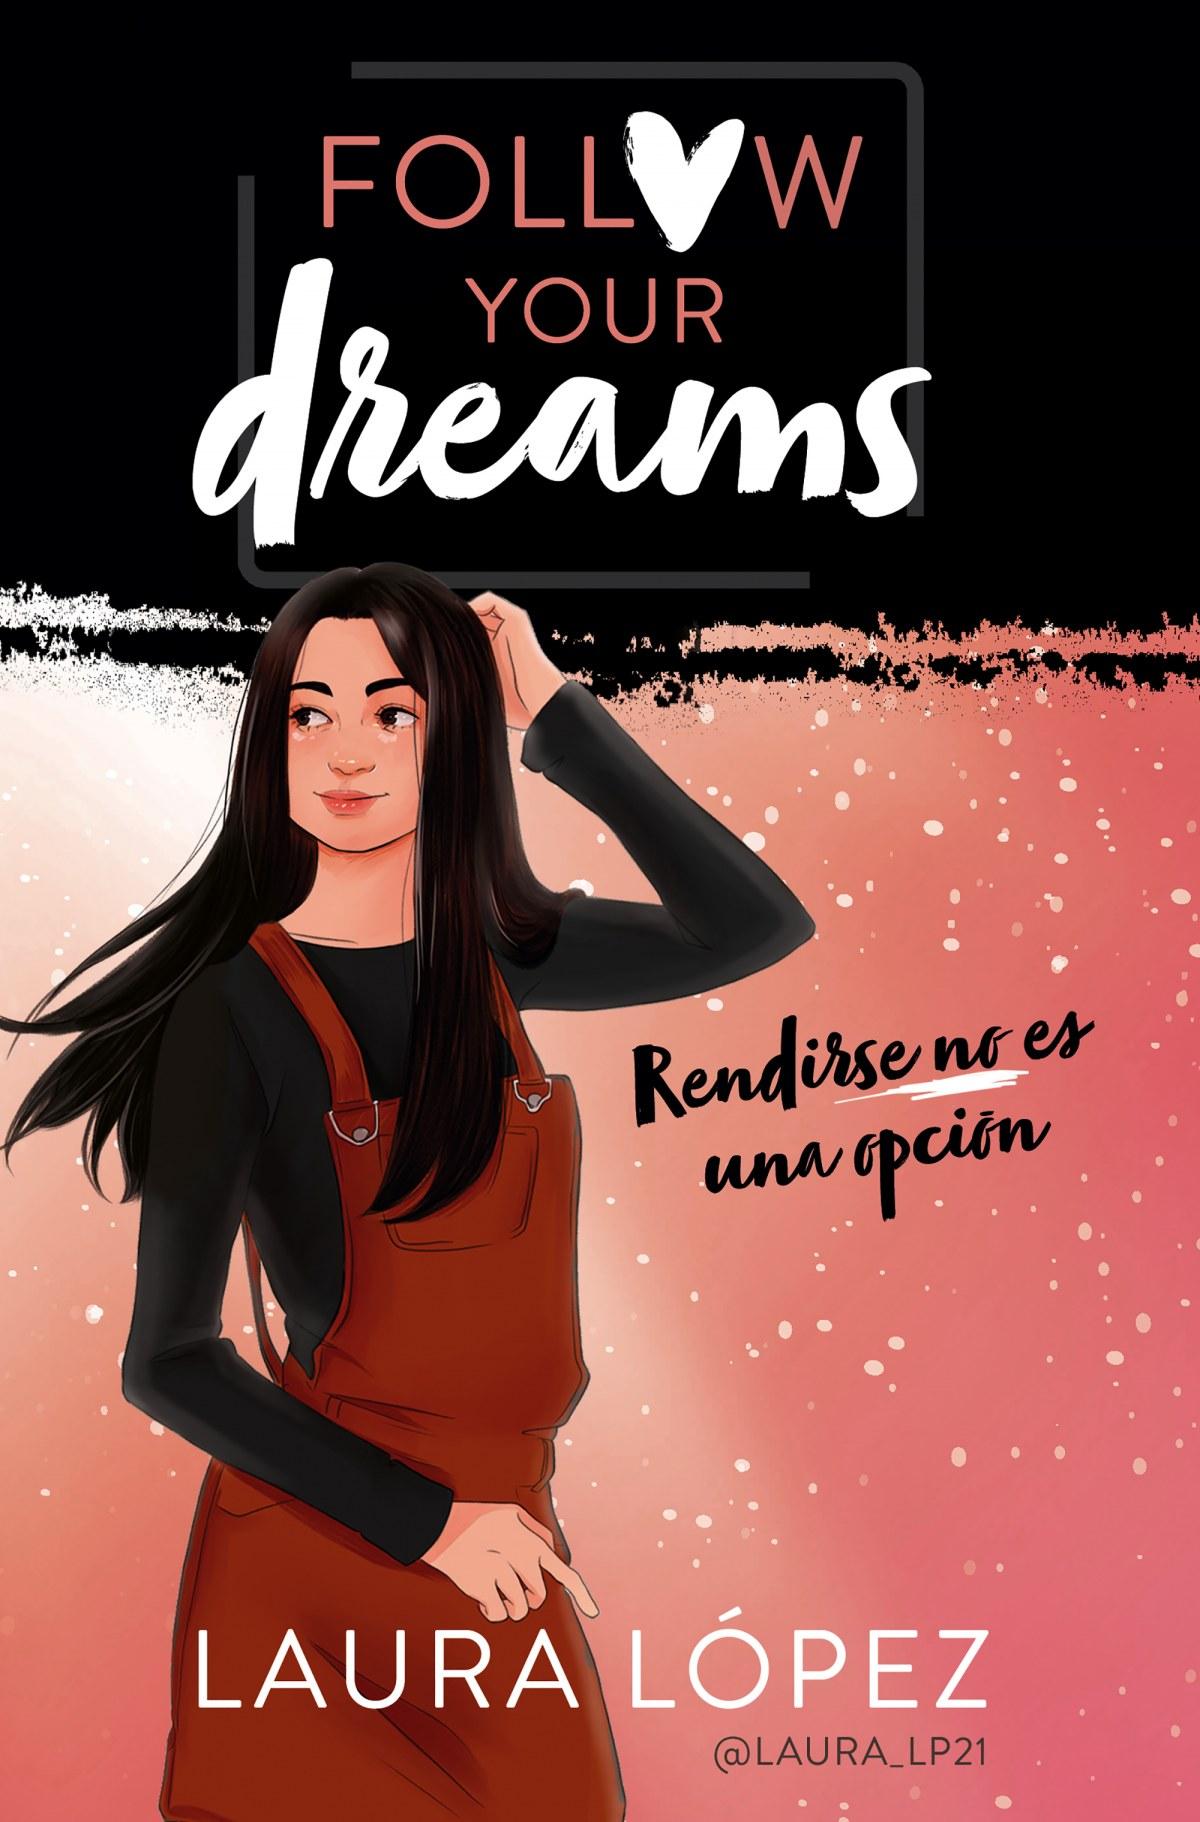 Follow your dreams: rendirse no es una opción 9788490439876